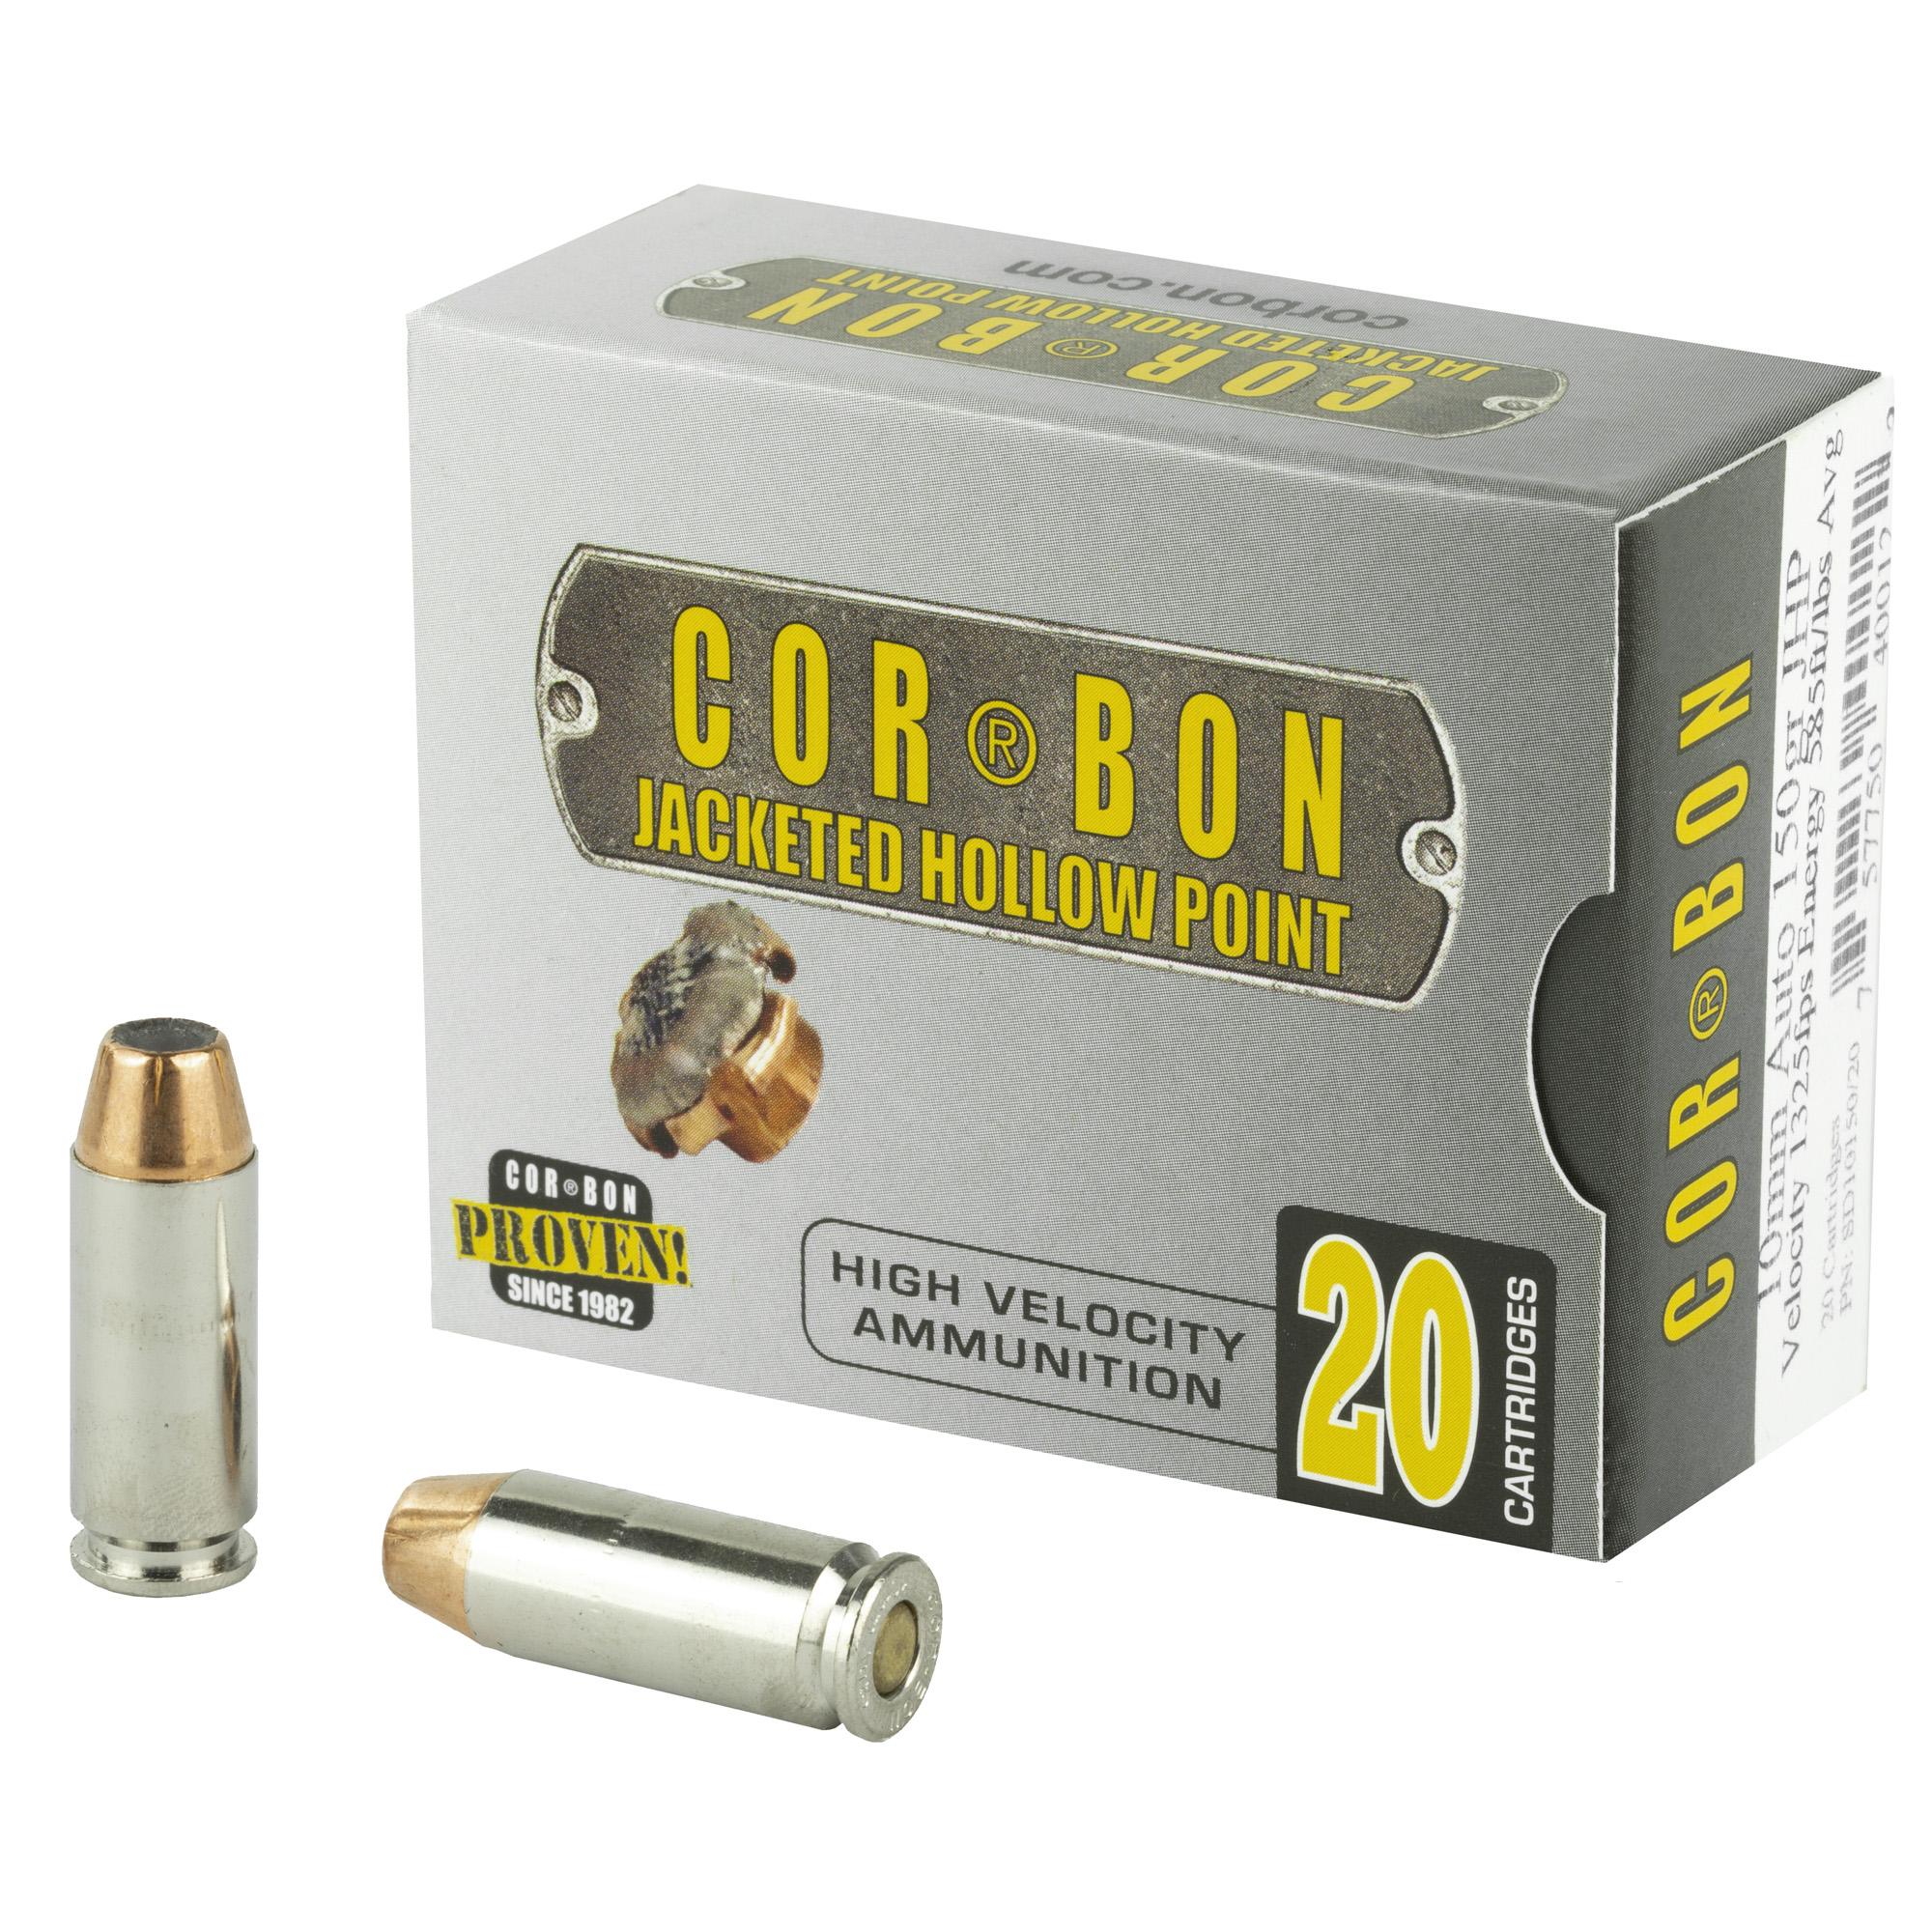 Corbon 10mm 150gr Jhp 20/500